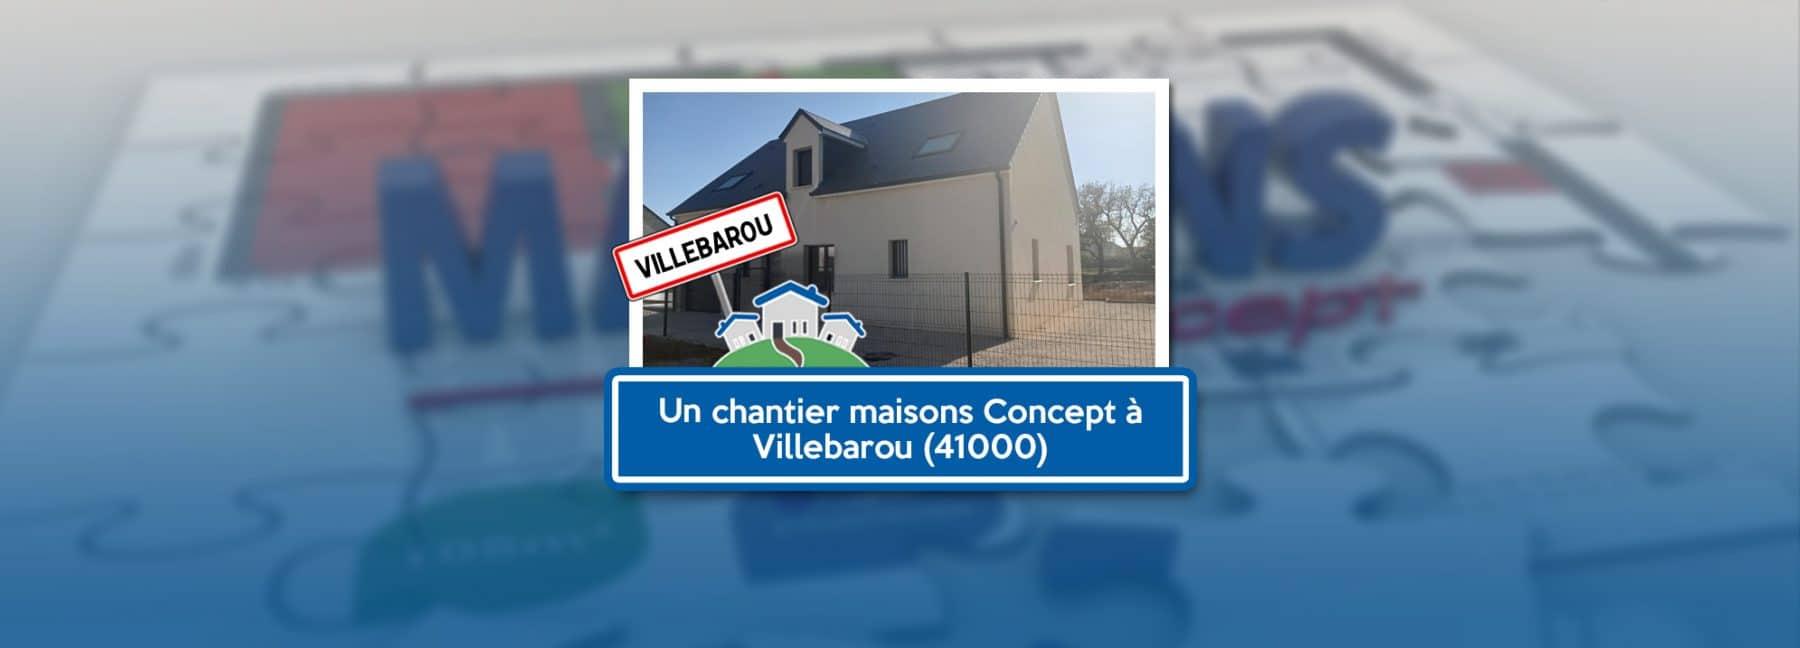 Projet de construction Maisons Concept à Villebarou 2